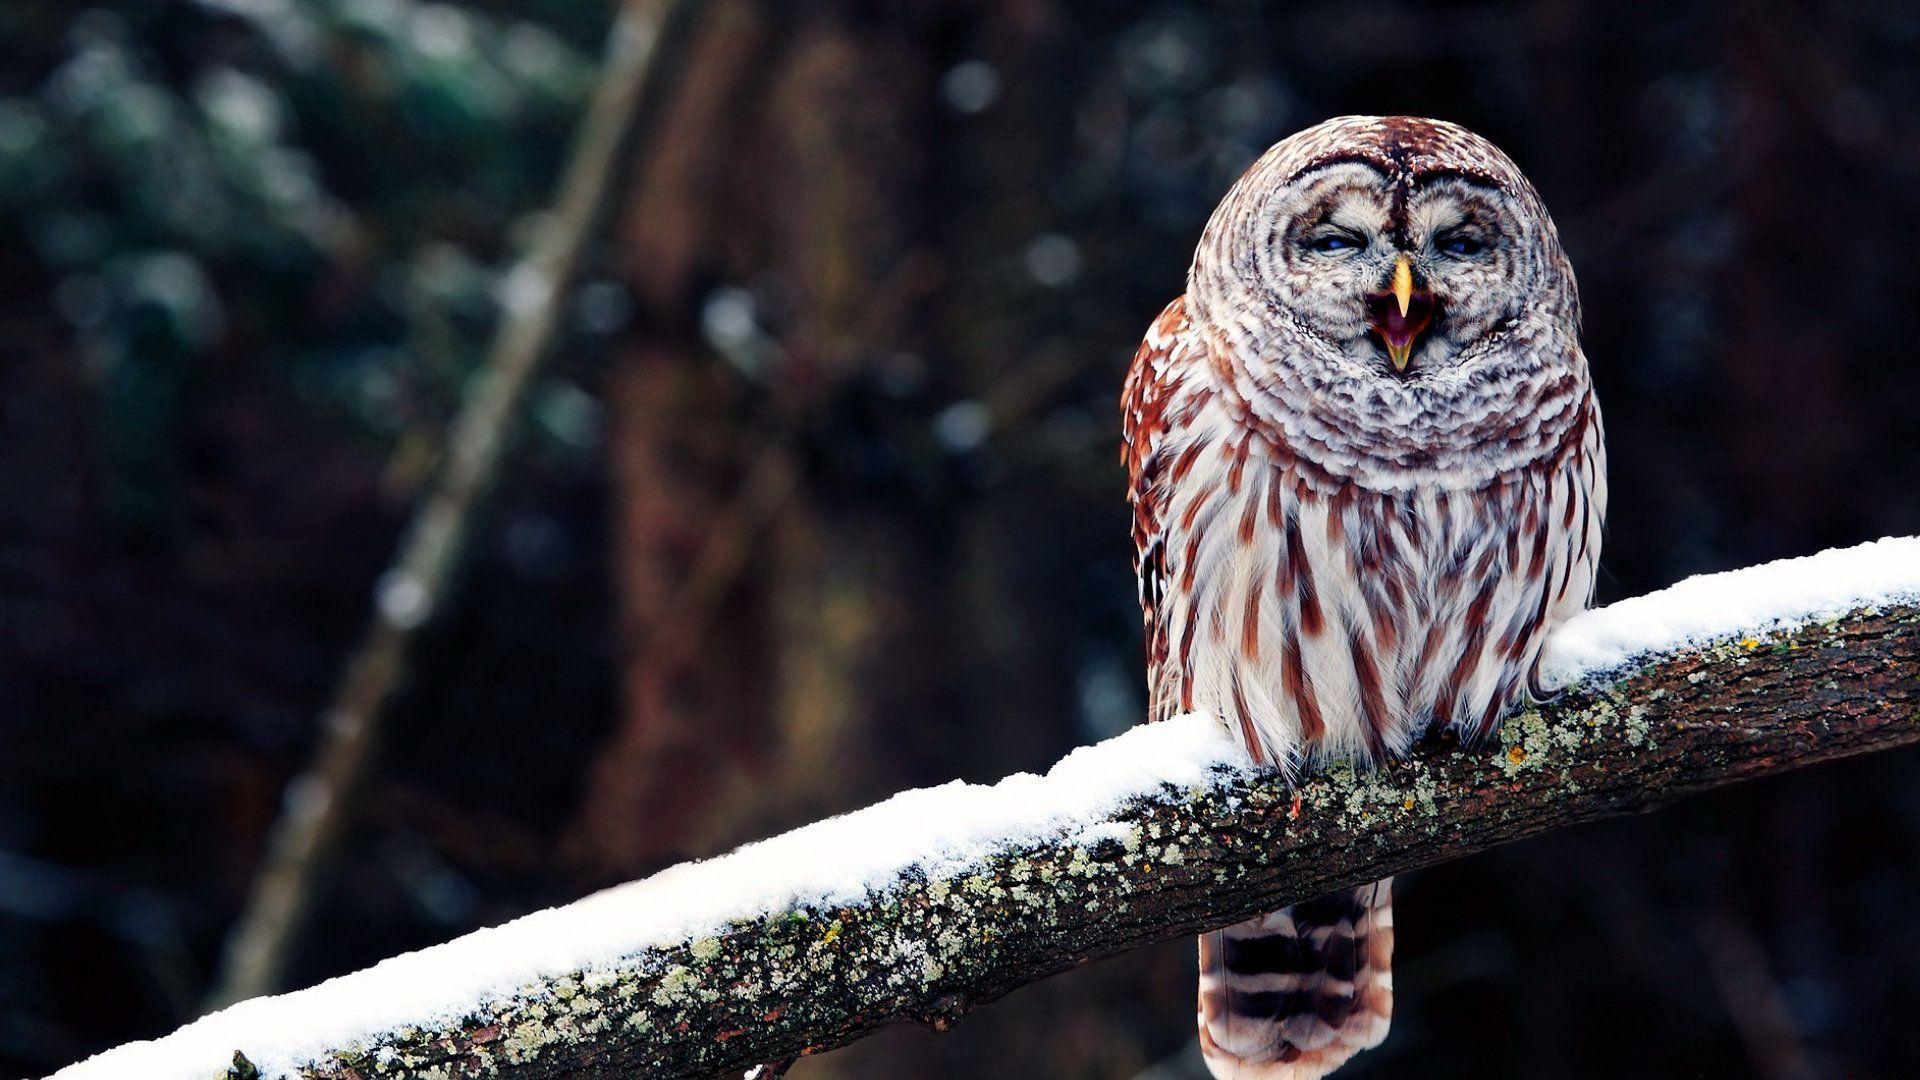 owl wallpaper for phone